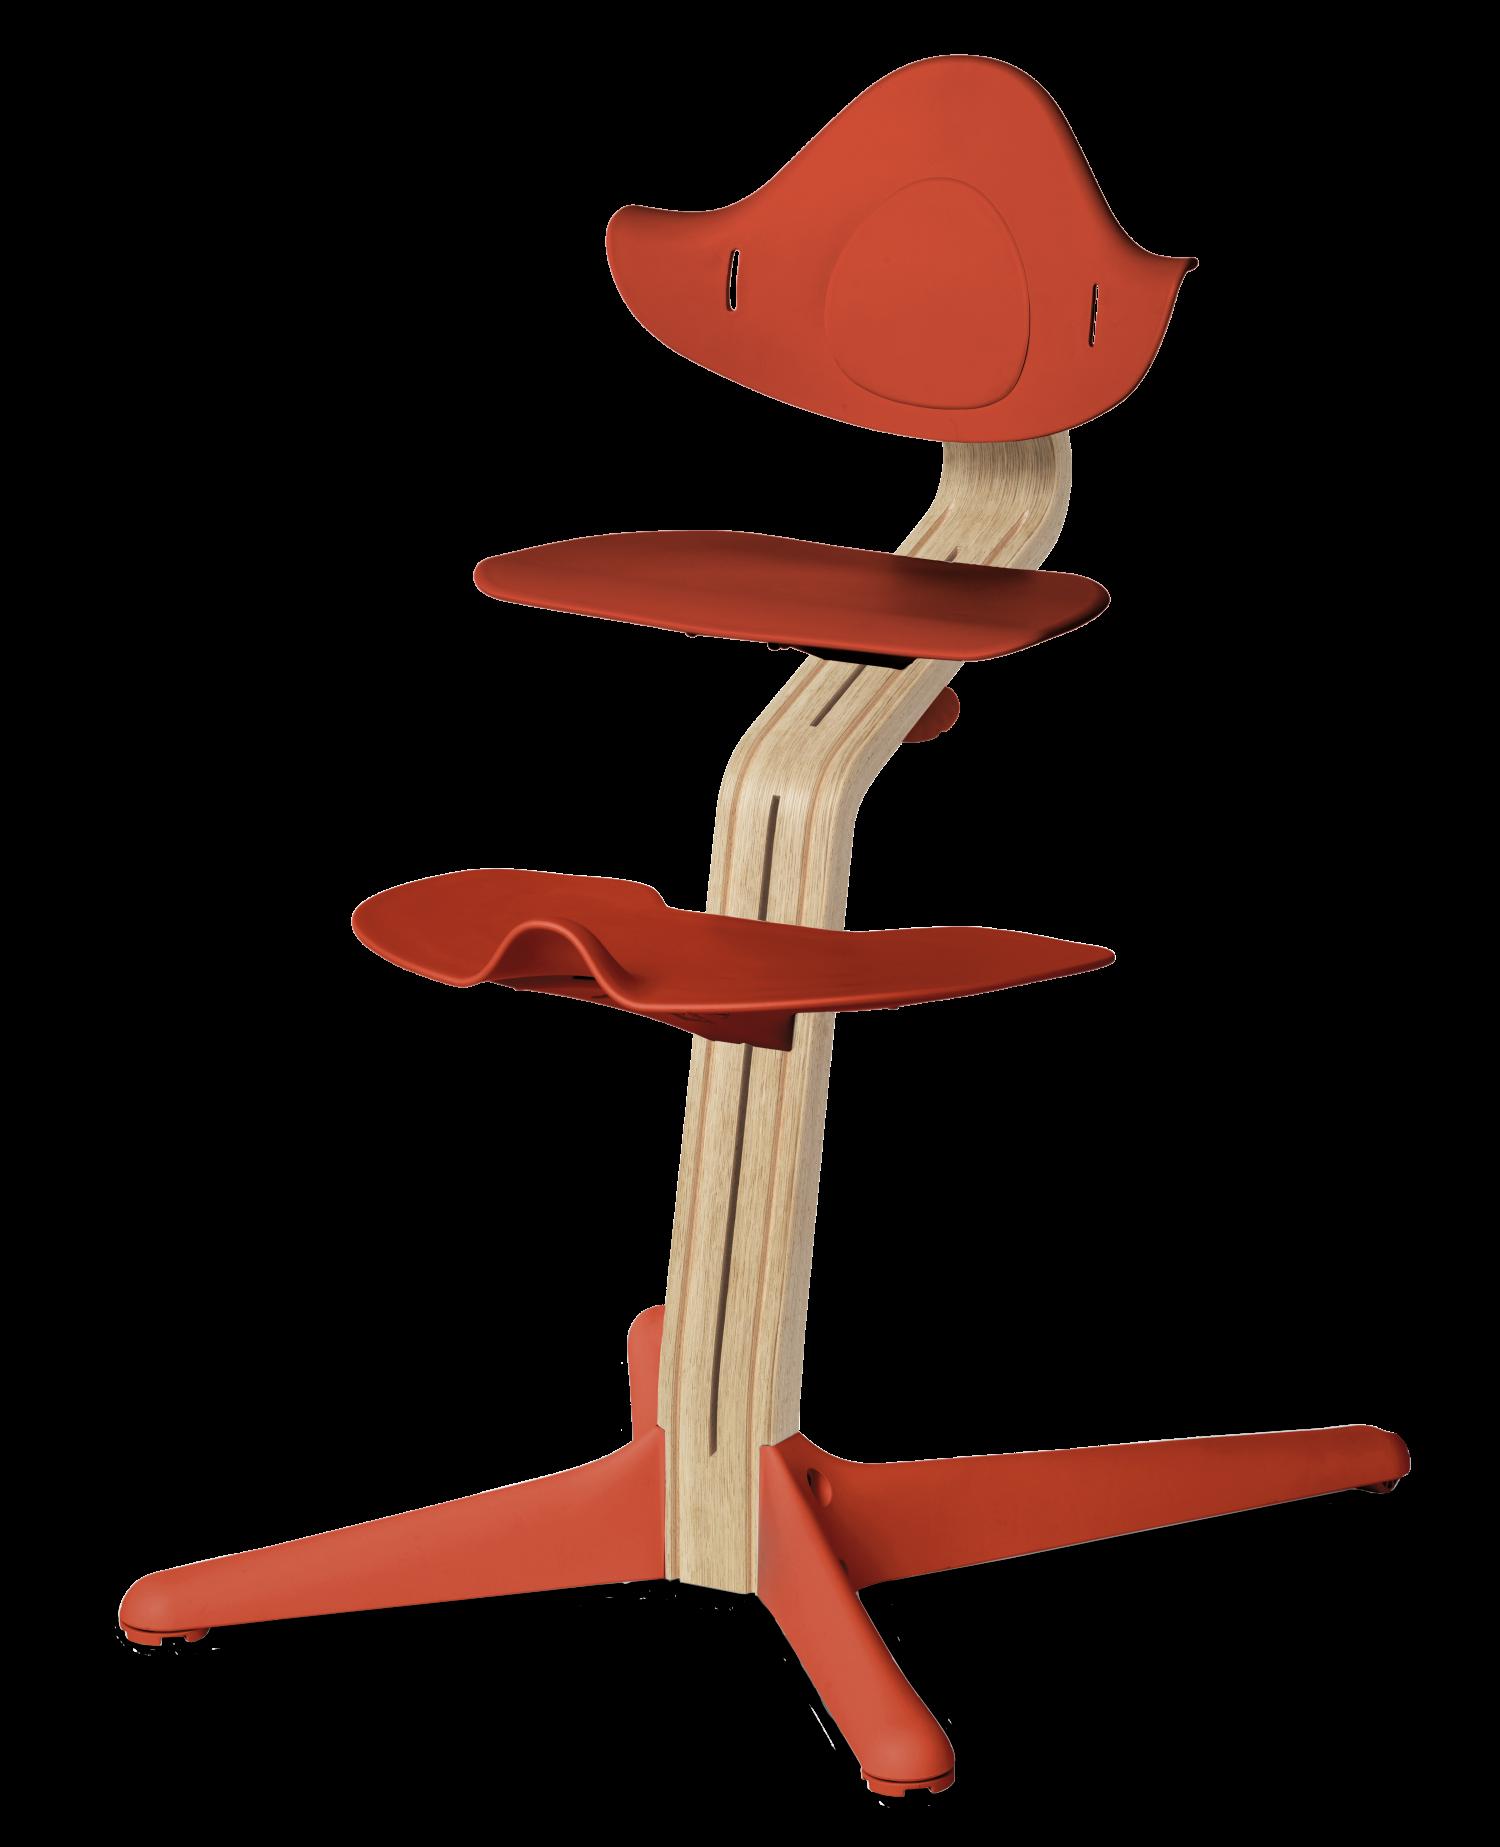 NOMI highchair meegroeistoel Basis eiken wit oiled en stoel Burned orange